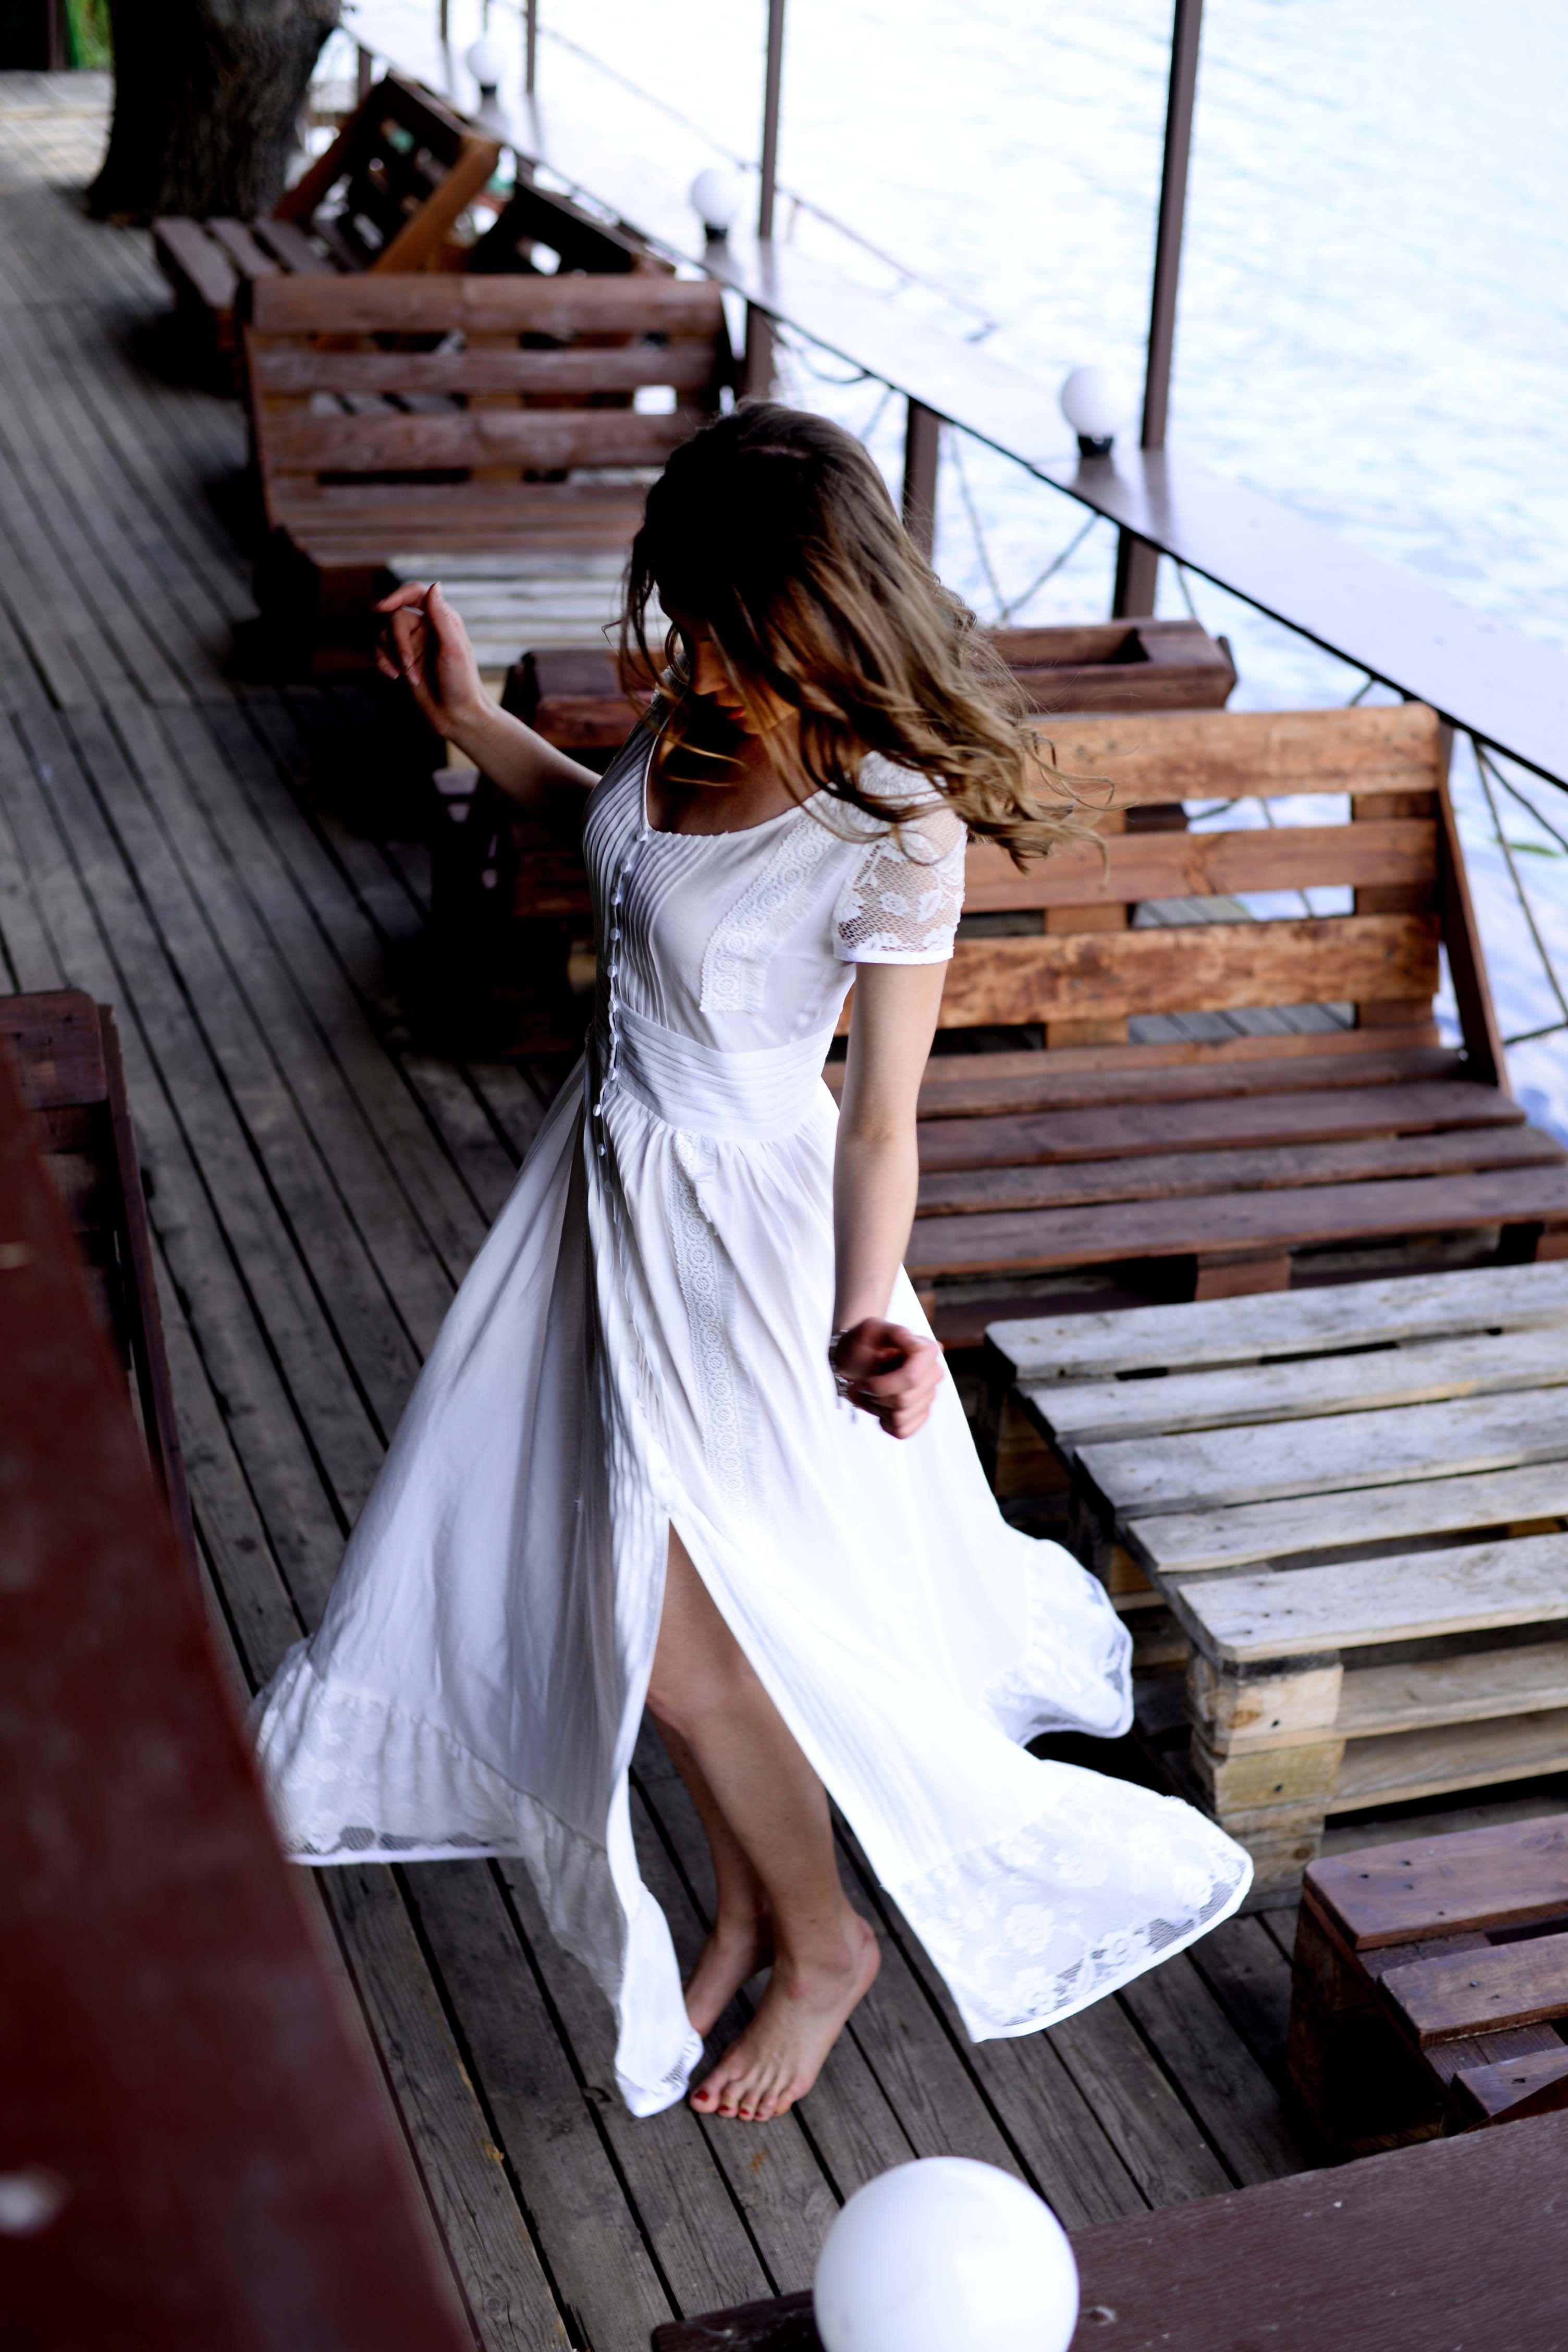 abfd030c009 Купить Платье Alpha белое недорого в интернет-магазине Платьице с доставкой  по Киеву и Украине